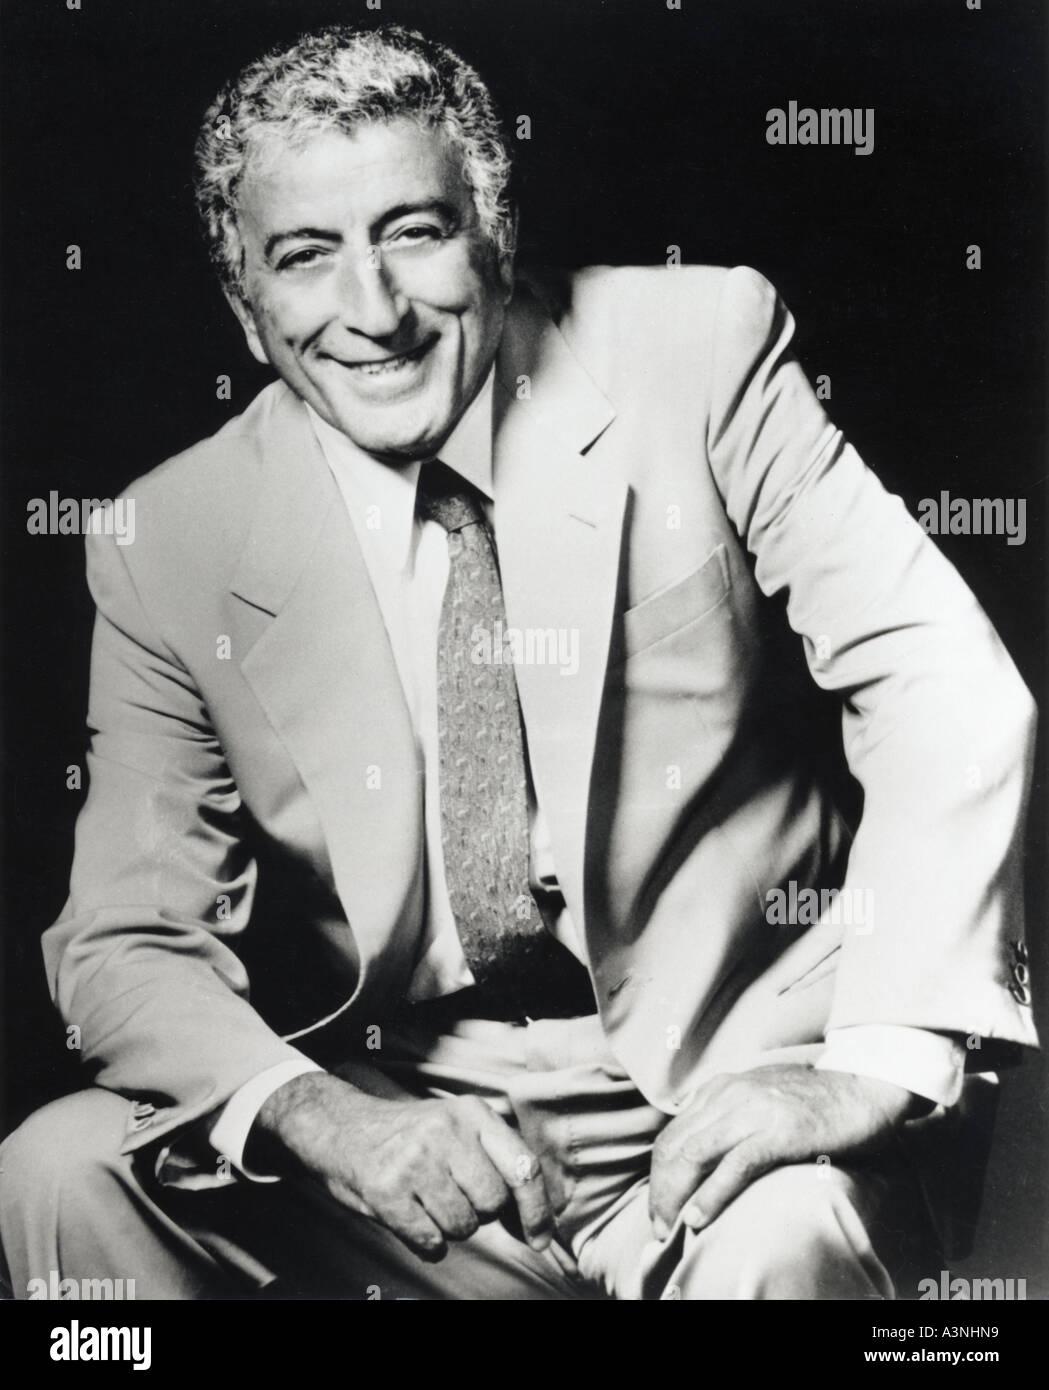 TONY BENNETT US singer - Stock Image